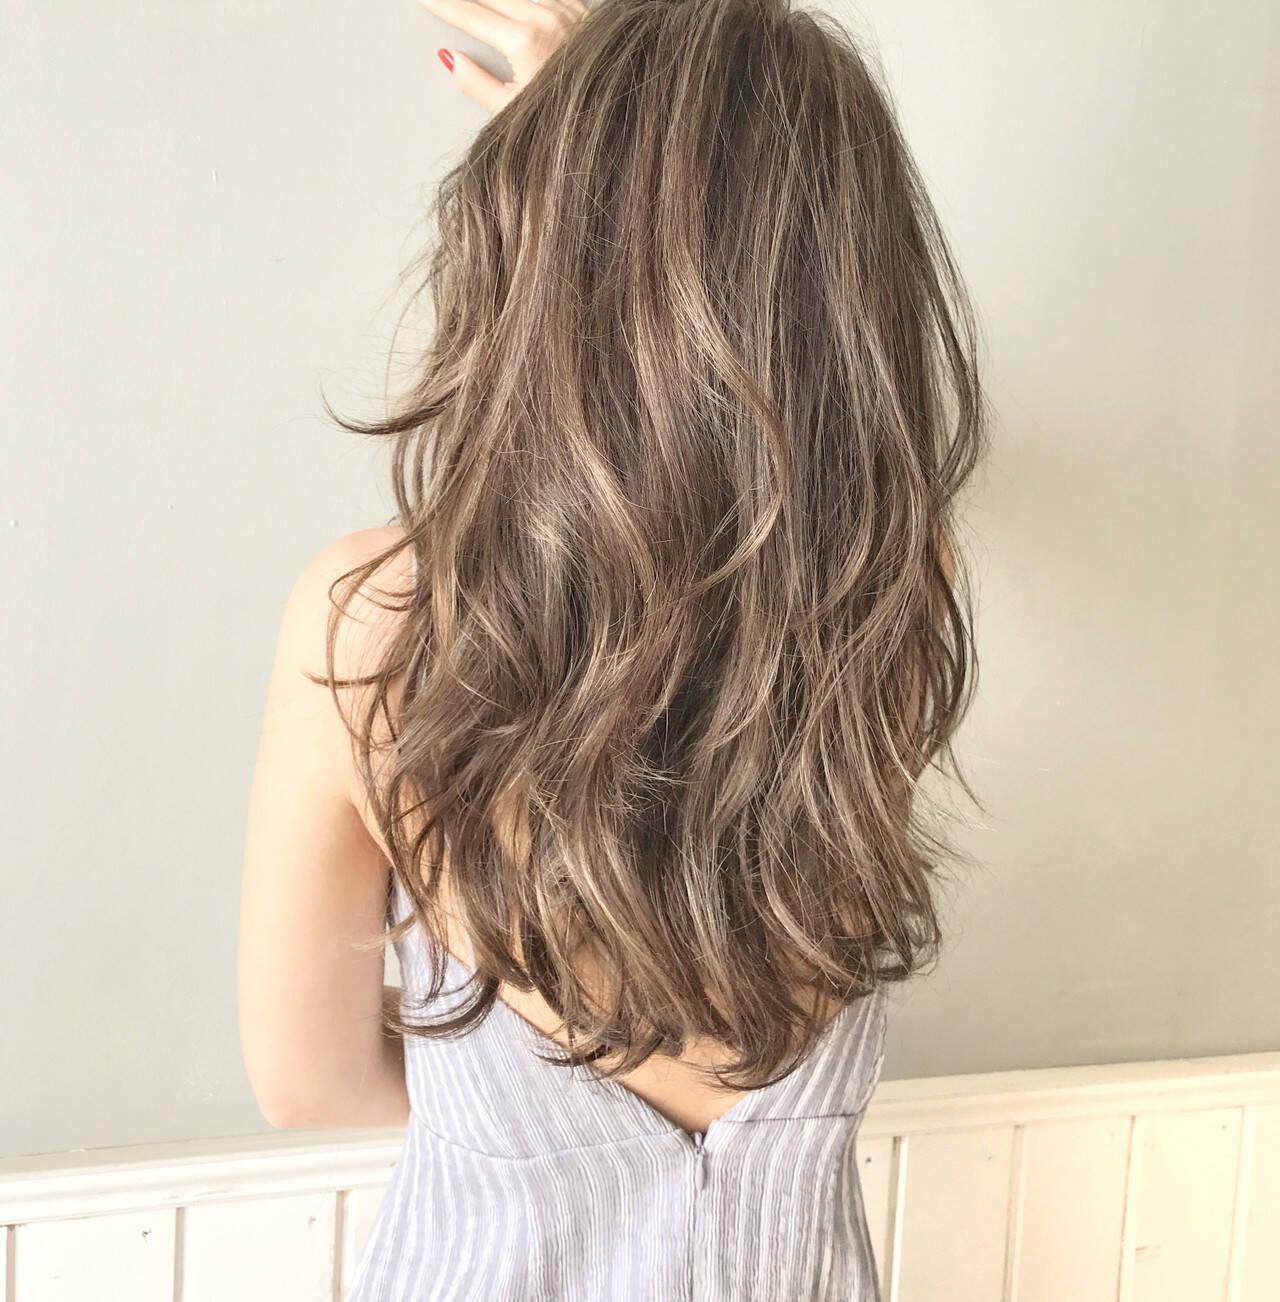 アンニュイほつれヘア 簡単ヘアアレンジ ナチュラル デートヘアスタイルや髪型の写真・画像